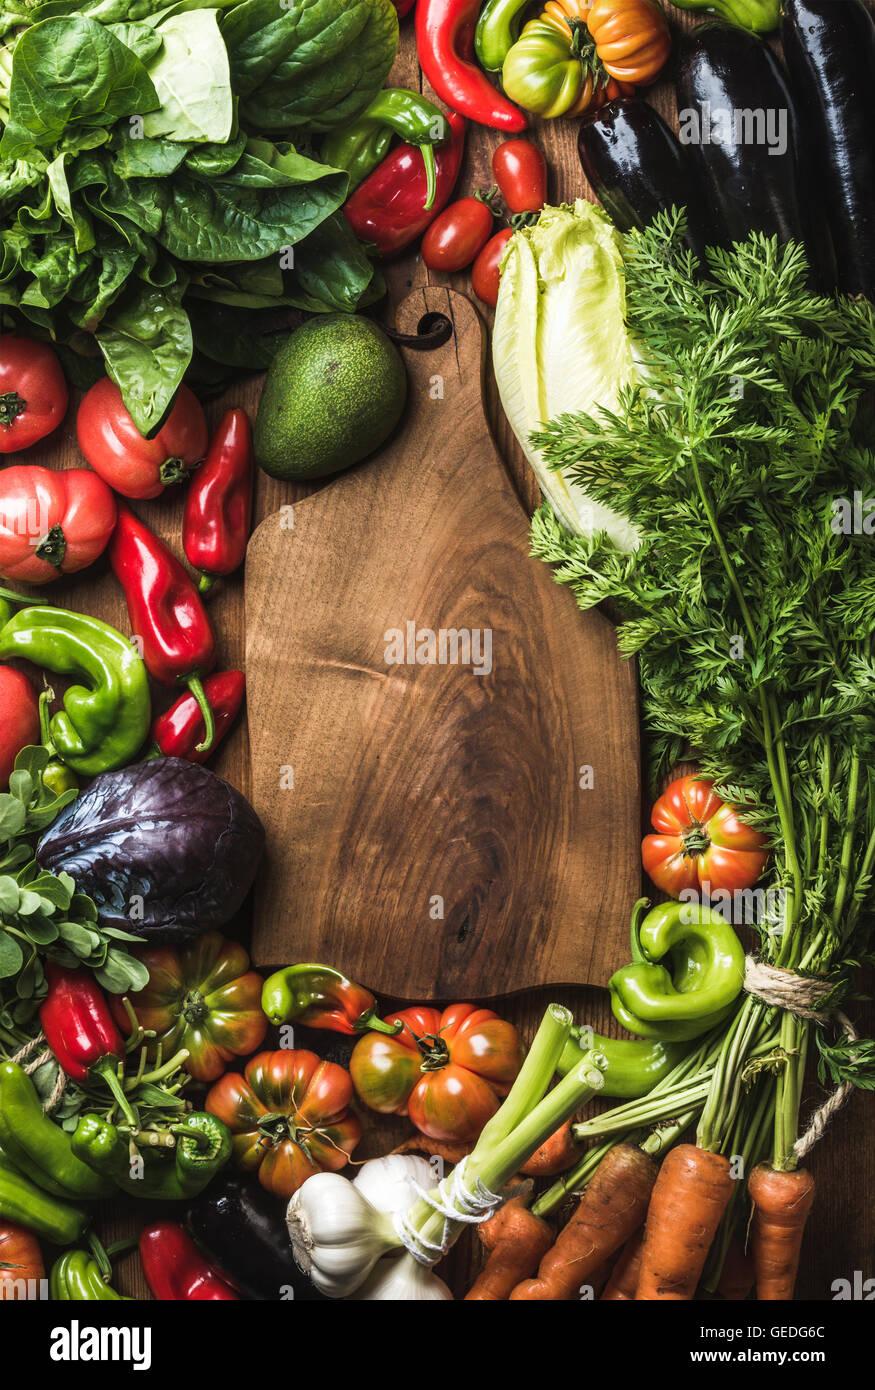 Légumes crus frais ingrédients pour la cuisine saine ou une salade avec du bois rustique dans le centre, Photo Stock